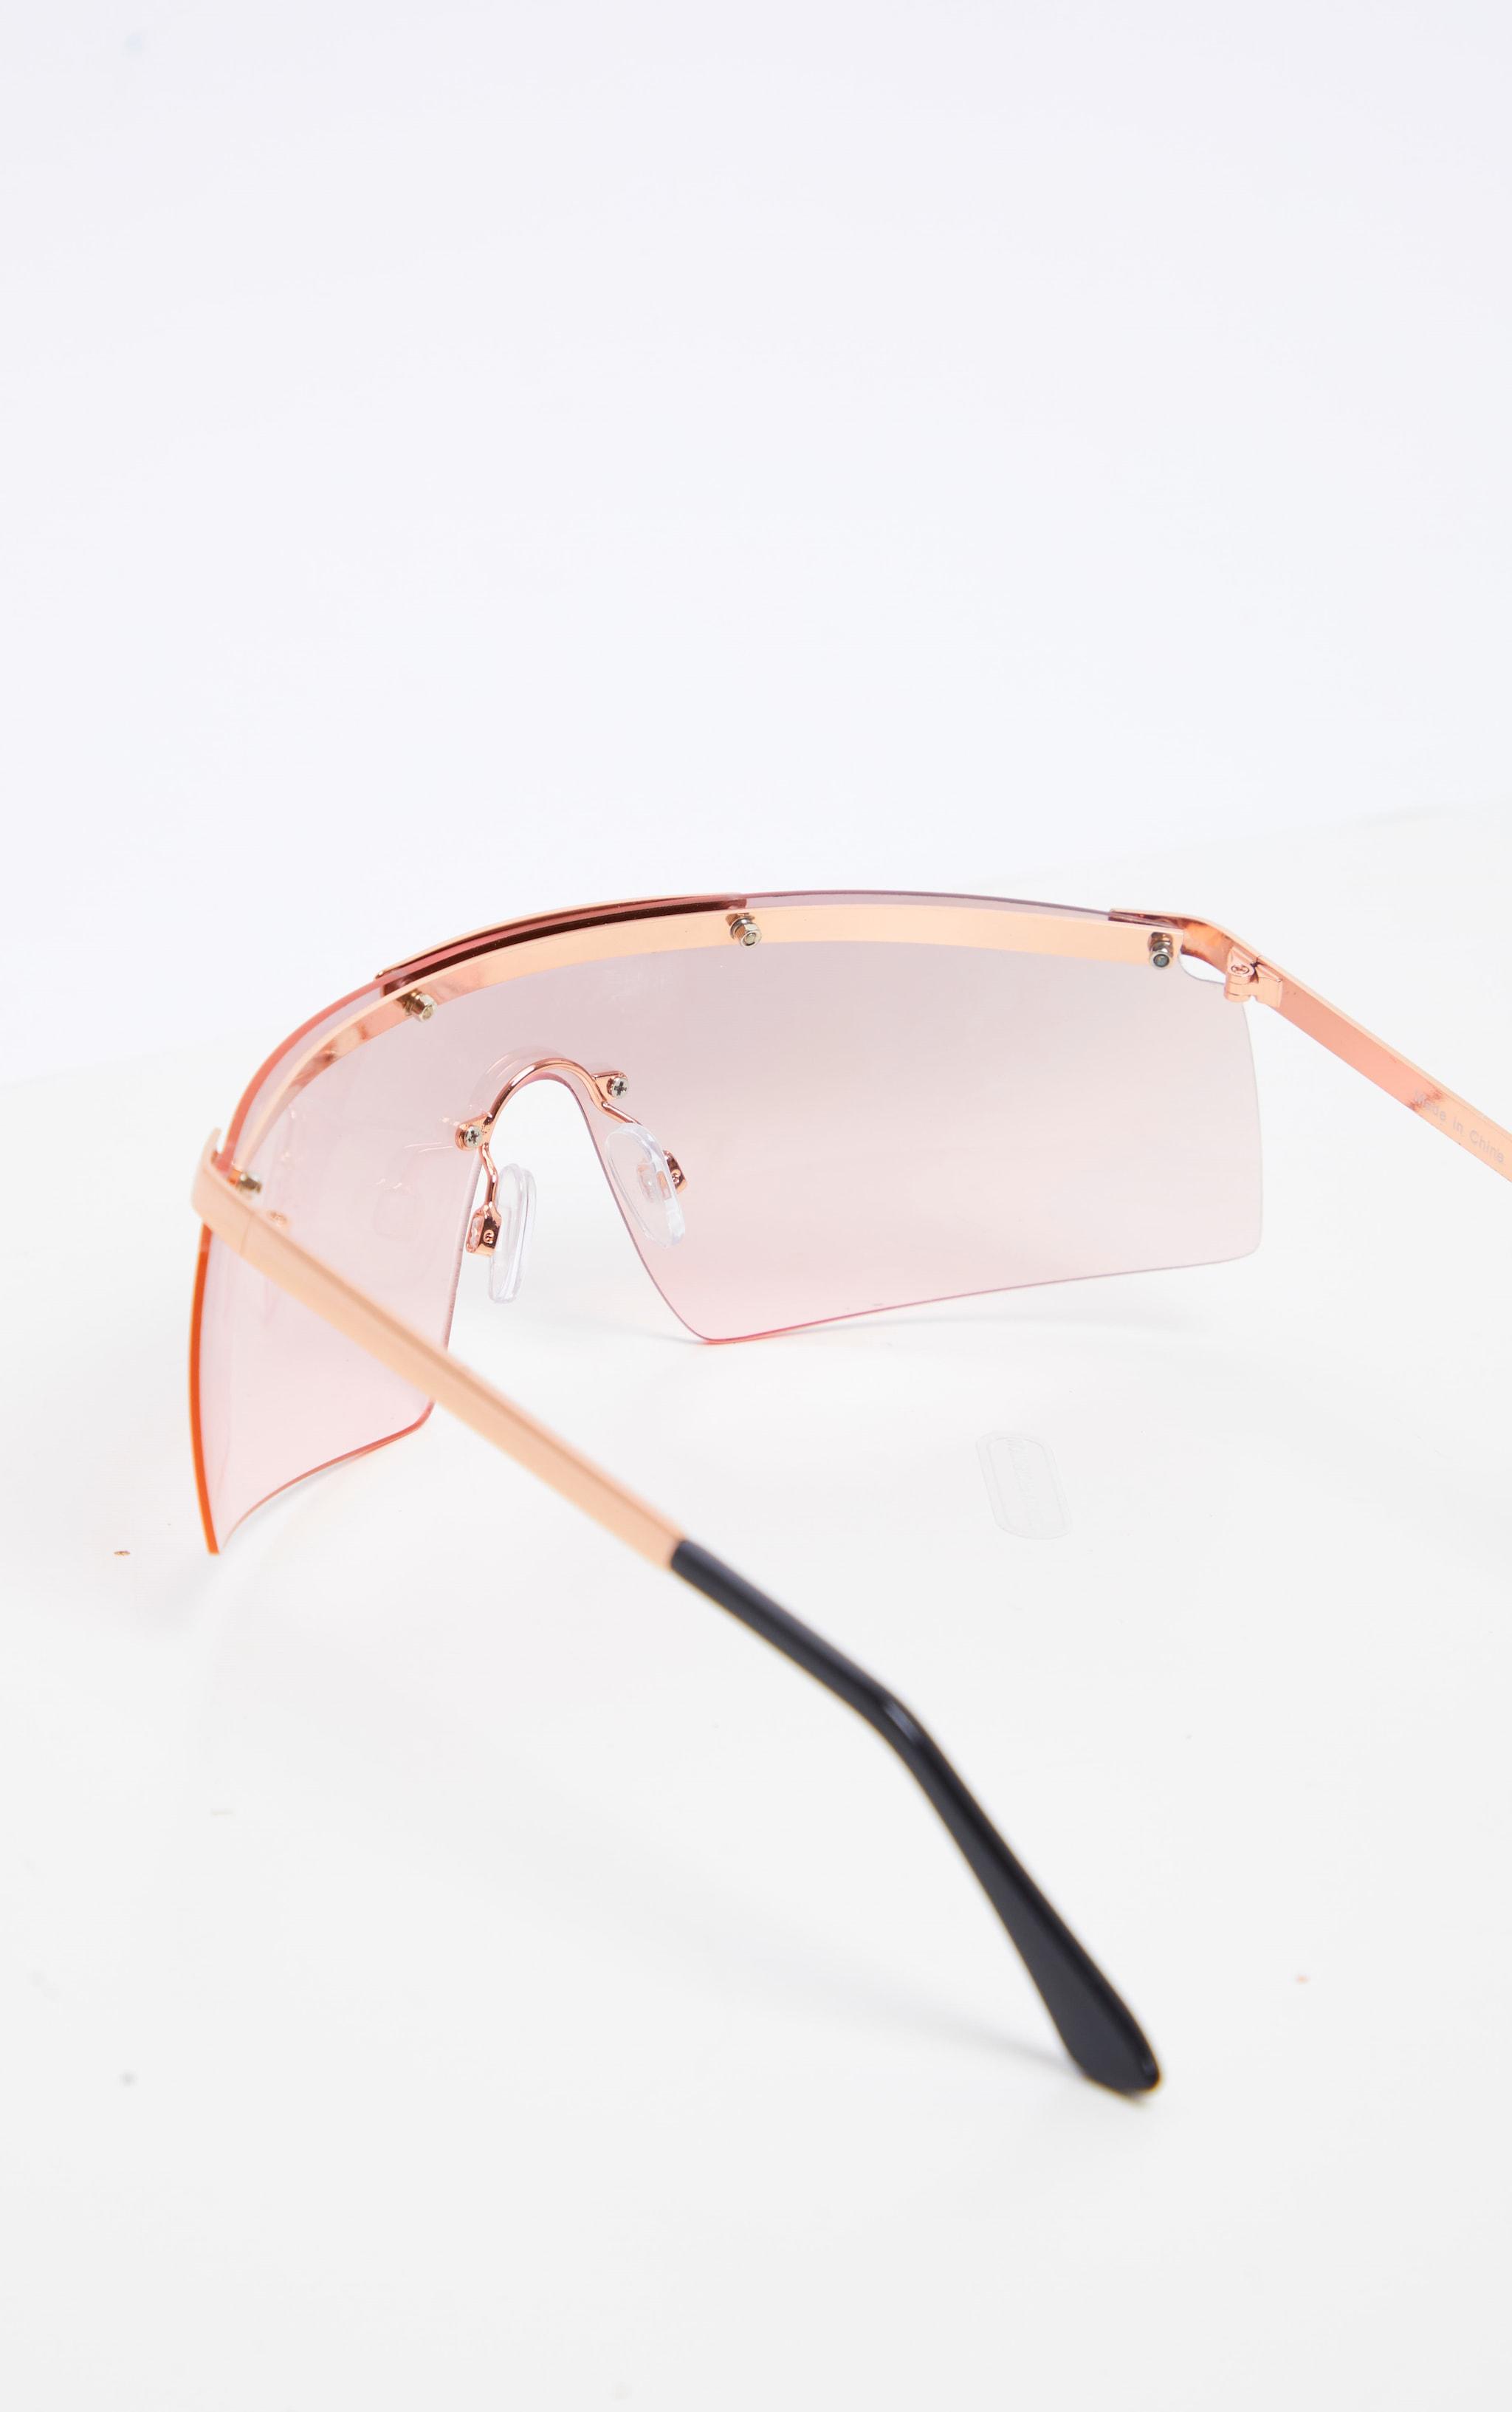 Rose Gold Tinted Flat Top Frameless Visor Sunglasses 3